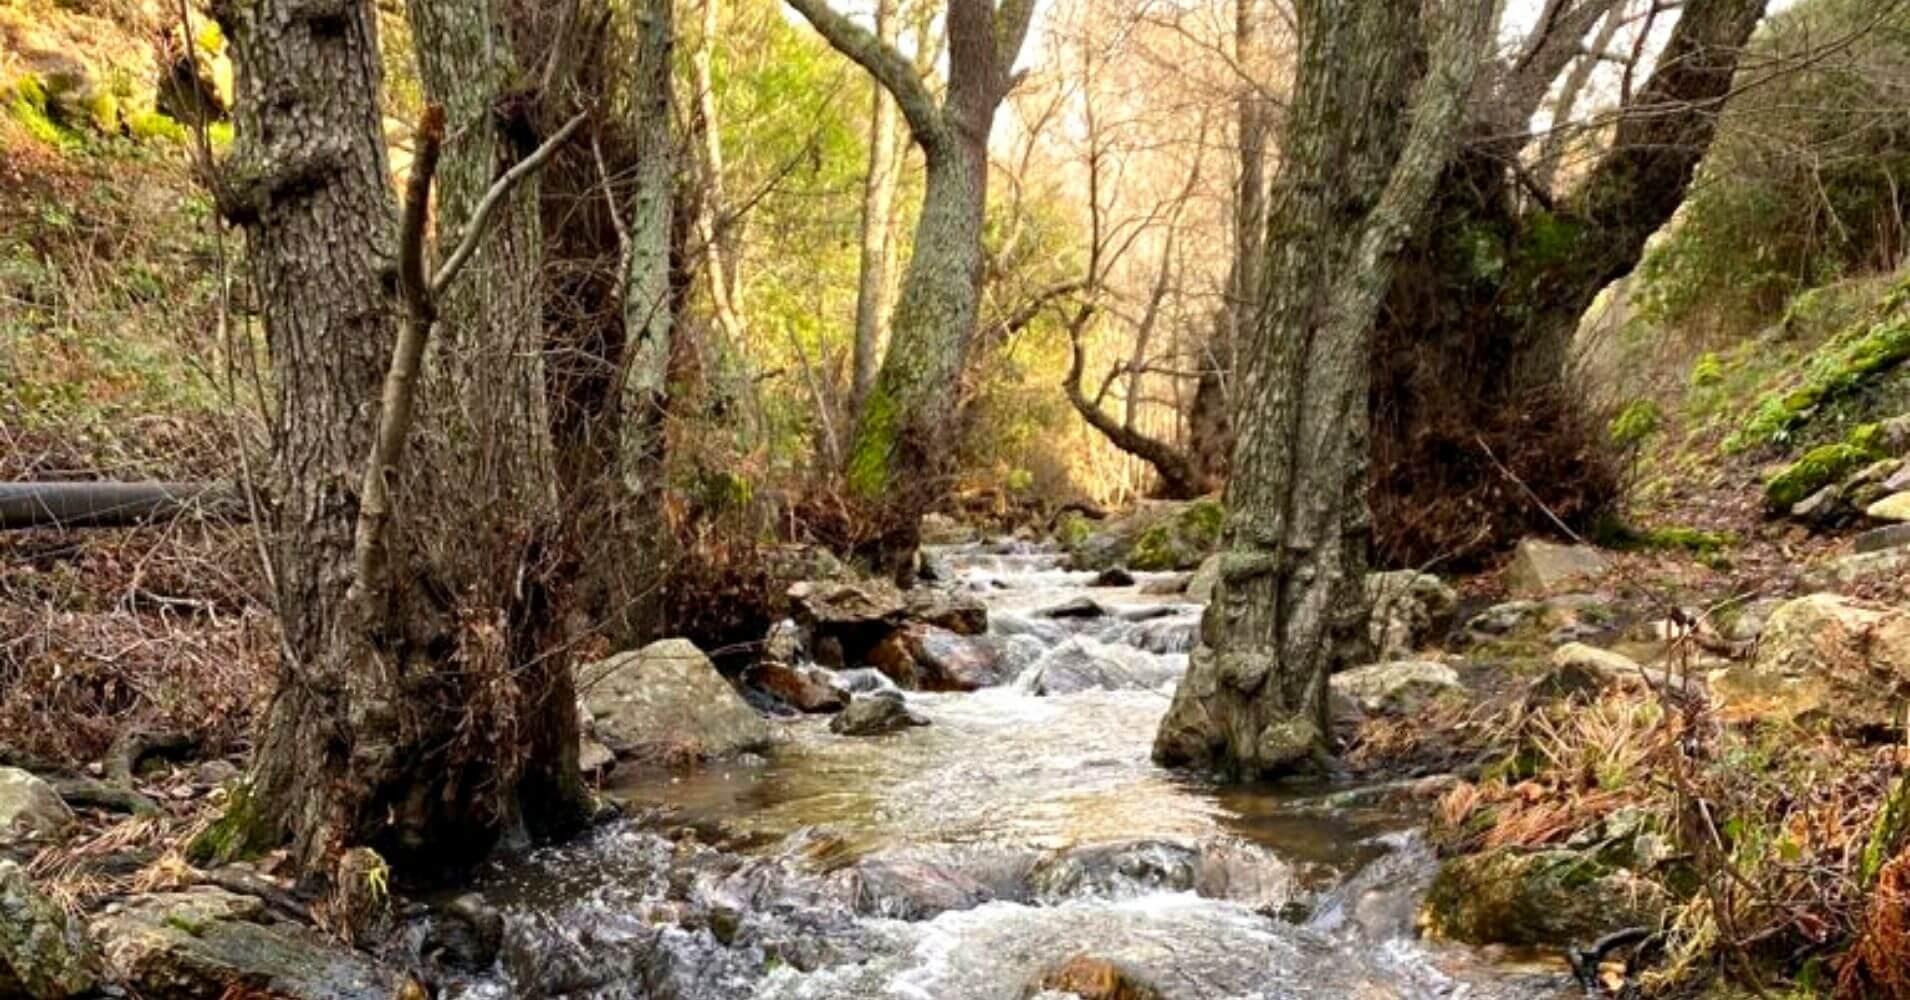 Río Cereceda, Fuencaliente. Ciudad Real, Castilla La Mancha.